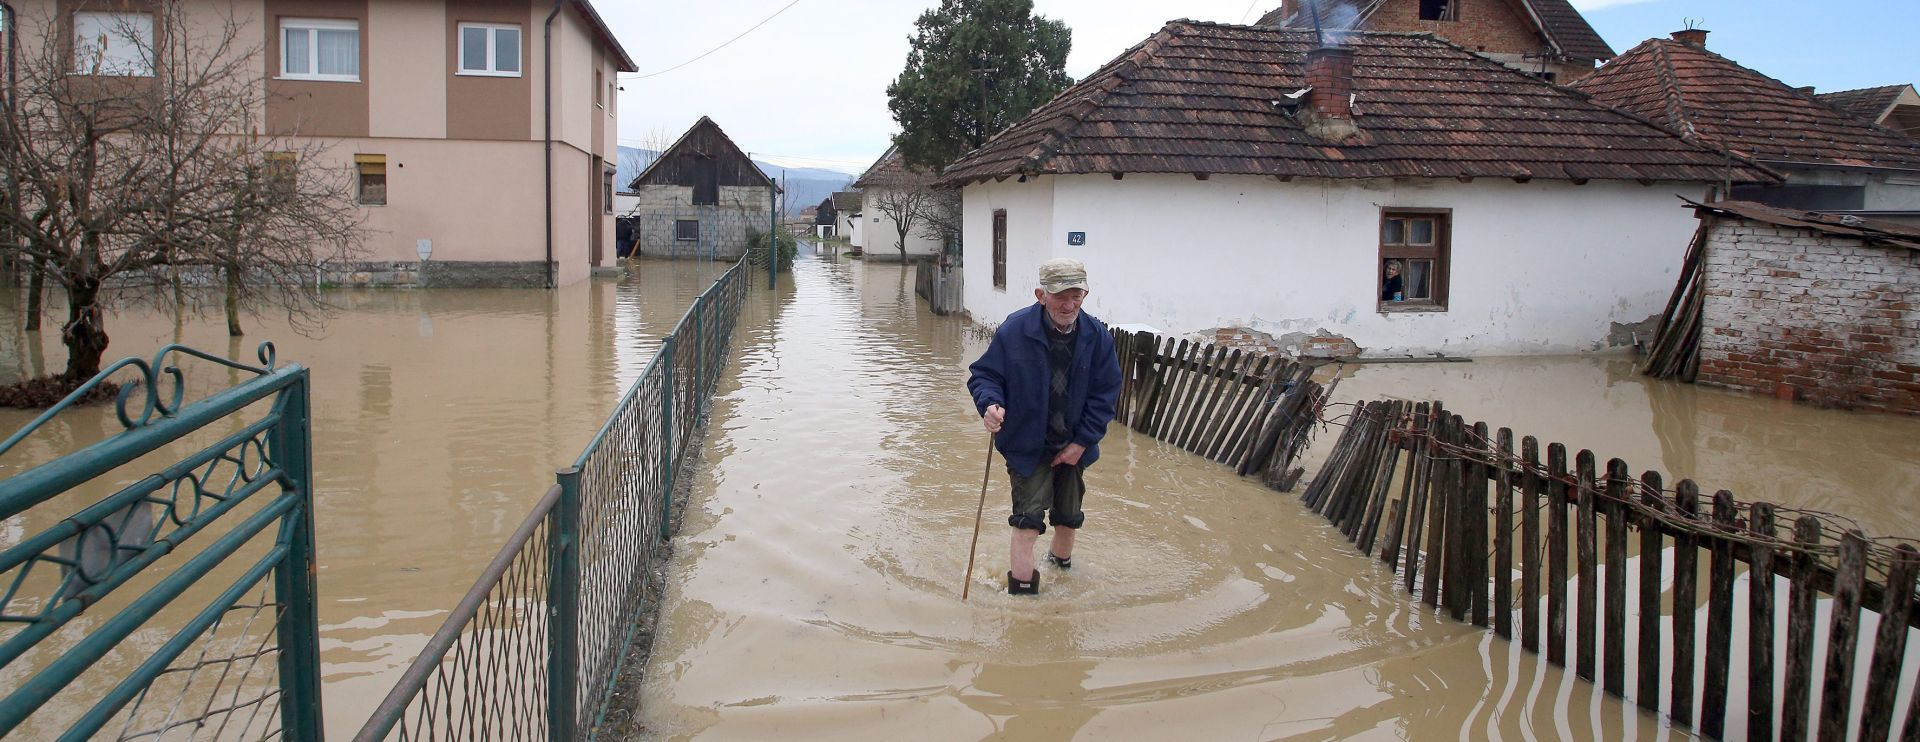 IZVANREDNO STANJE: U Srbiji poplavljene stotine kuća, za saniranje štete 2,2 milijuna eura